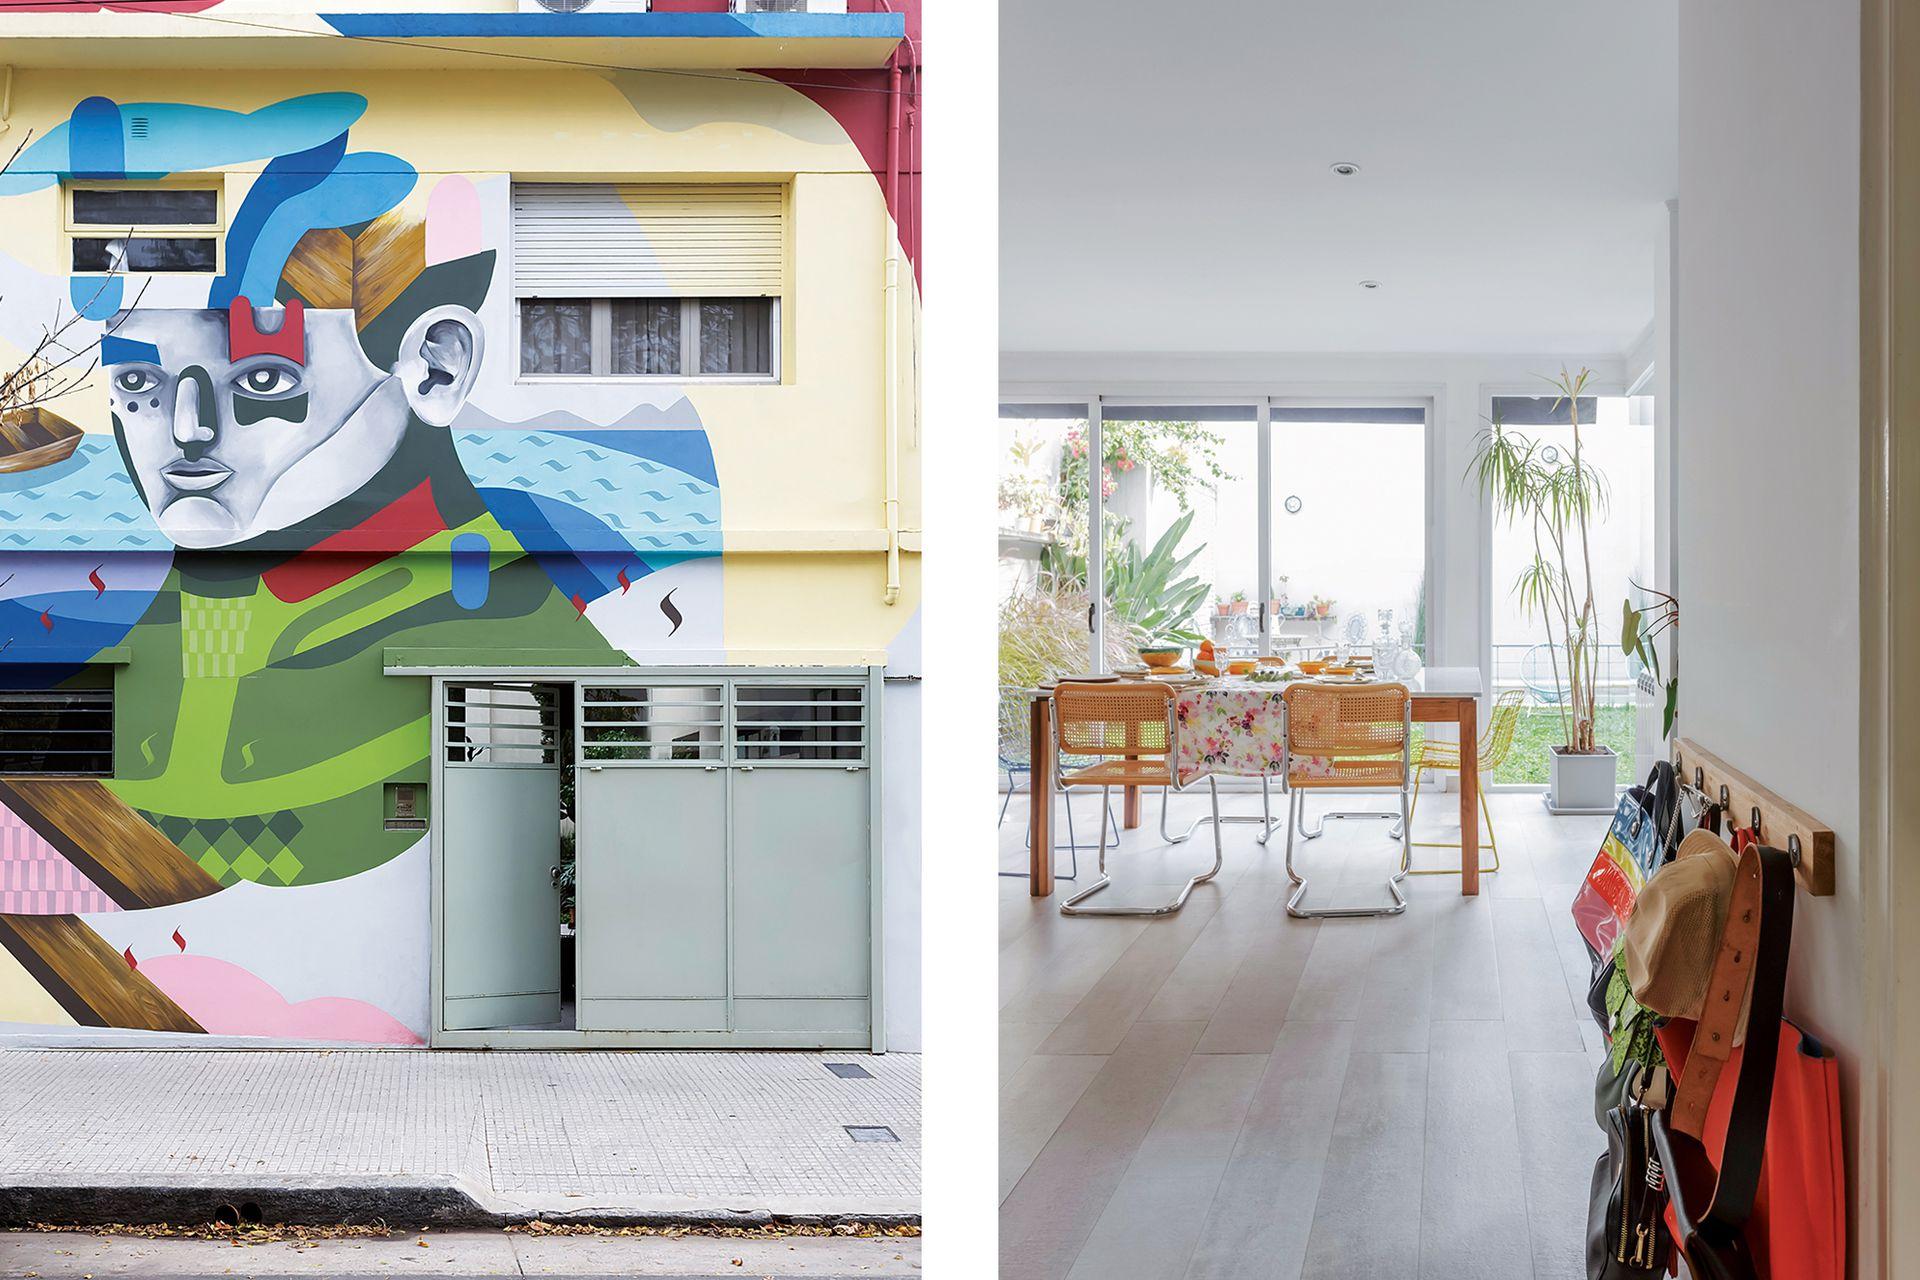 El mural de la fachada hizo de la vivienda una parada del circuito arty de la ciudad. Su autor es Pedro Perelman, artista, muralista y amigo de la familia.